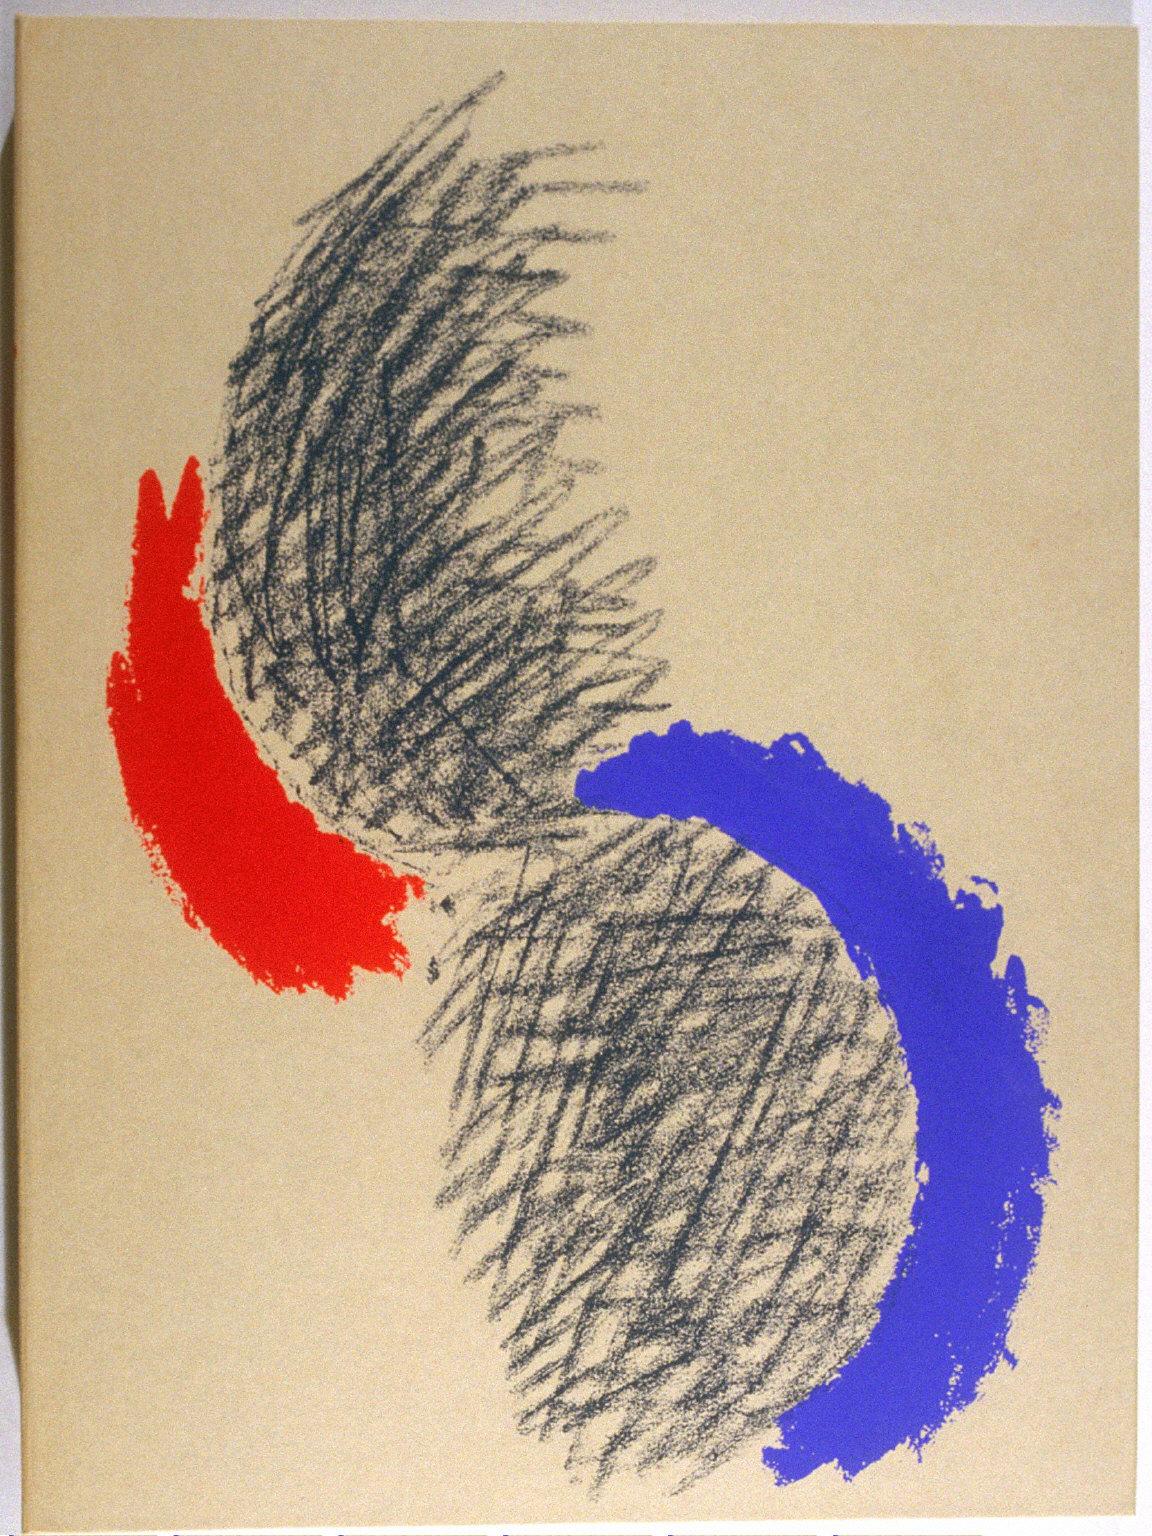 Juste present by Tristan Tzara (Paris: La Rose des Vents, 1961)